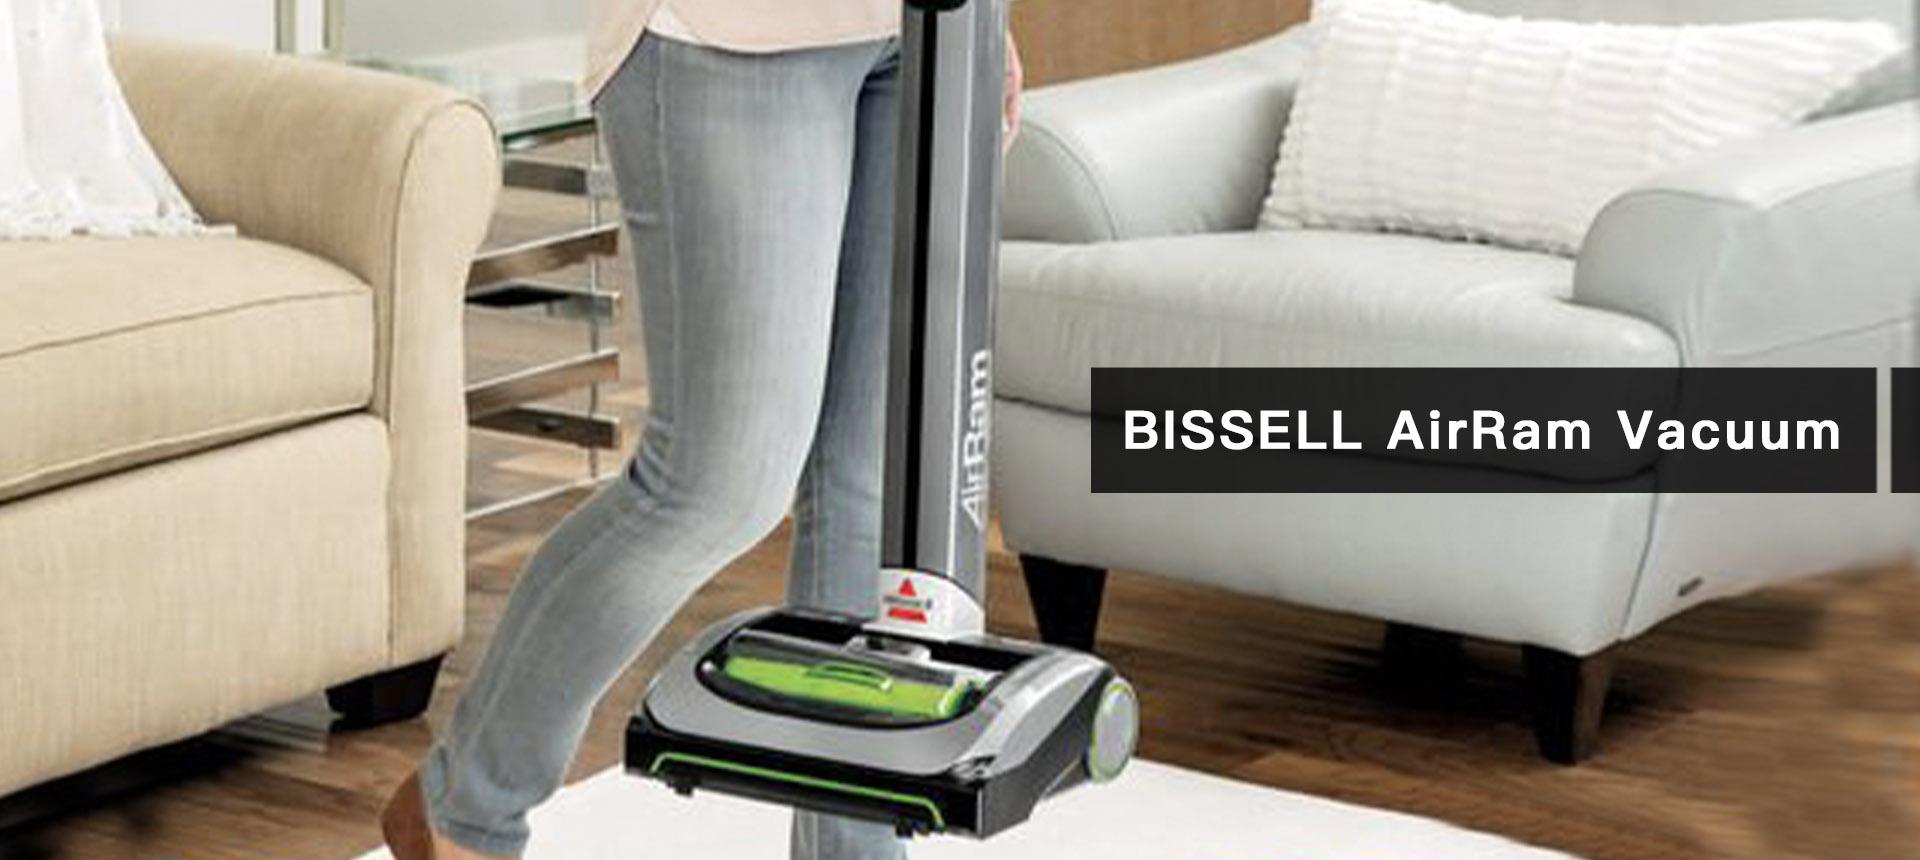 BISSELLAirRam Vacuum